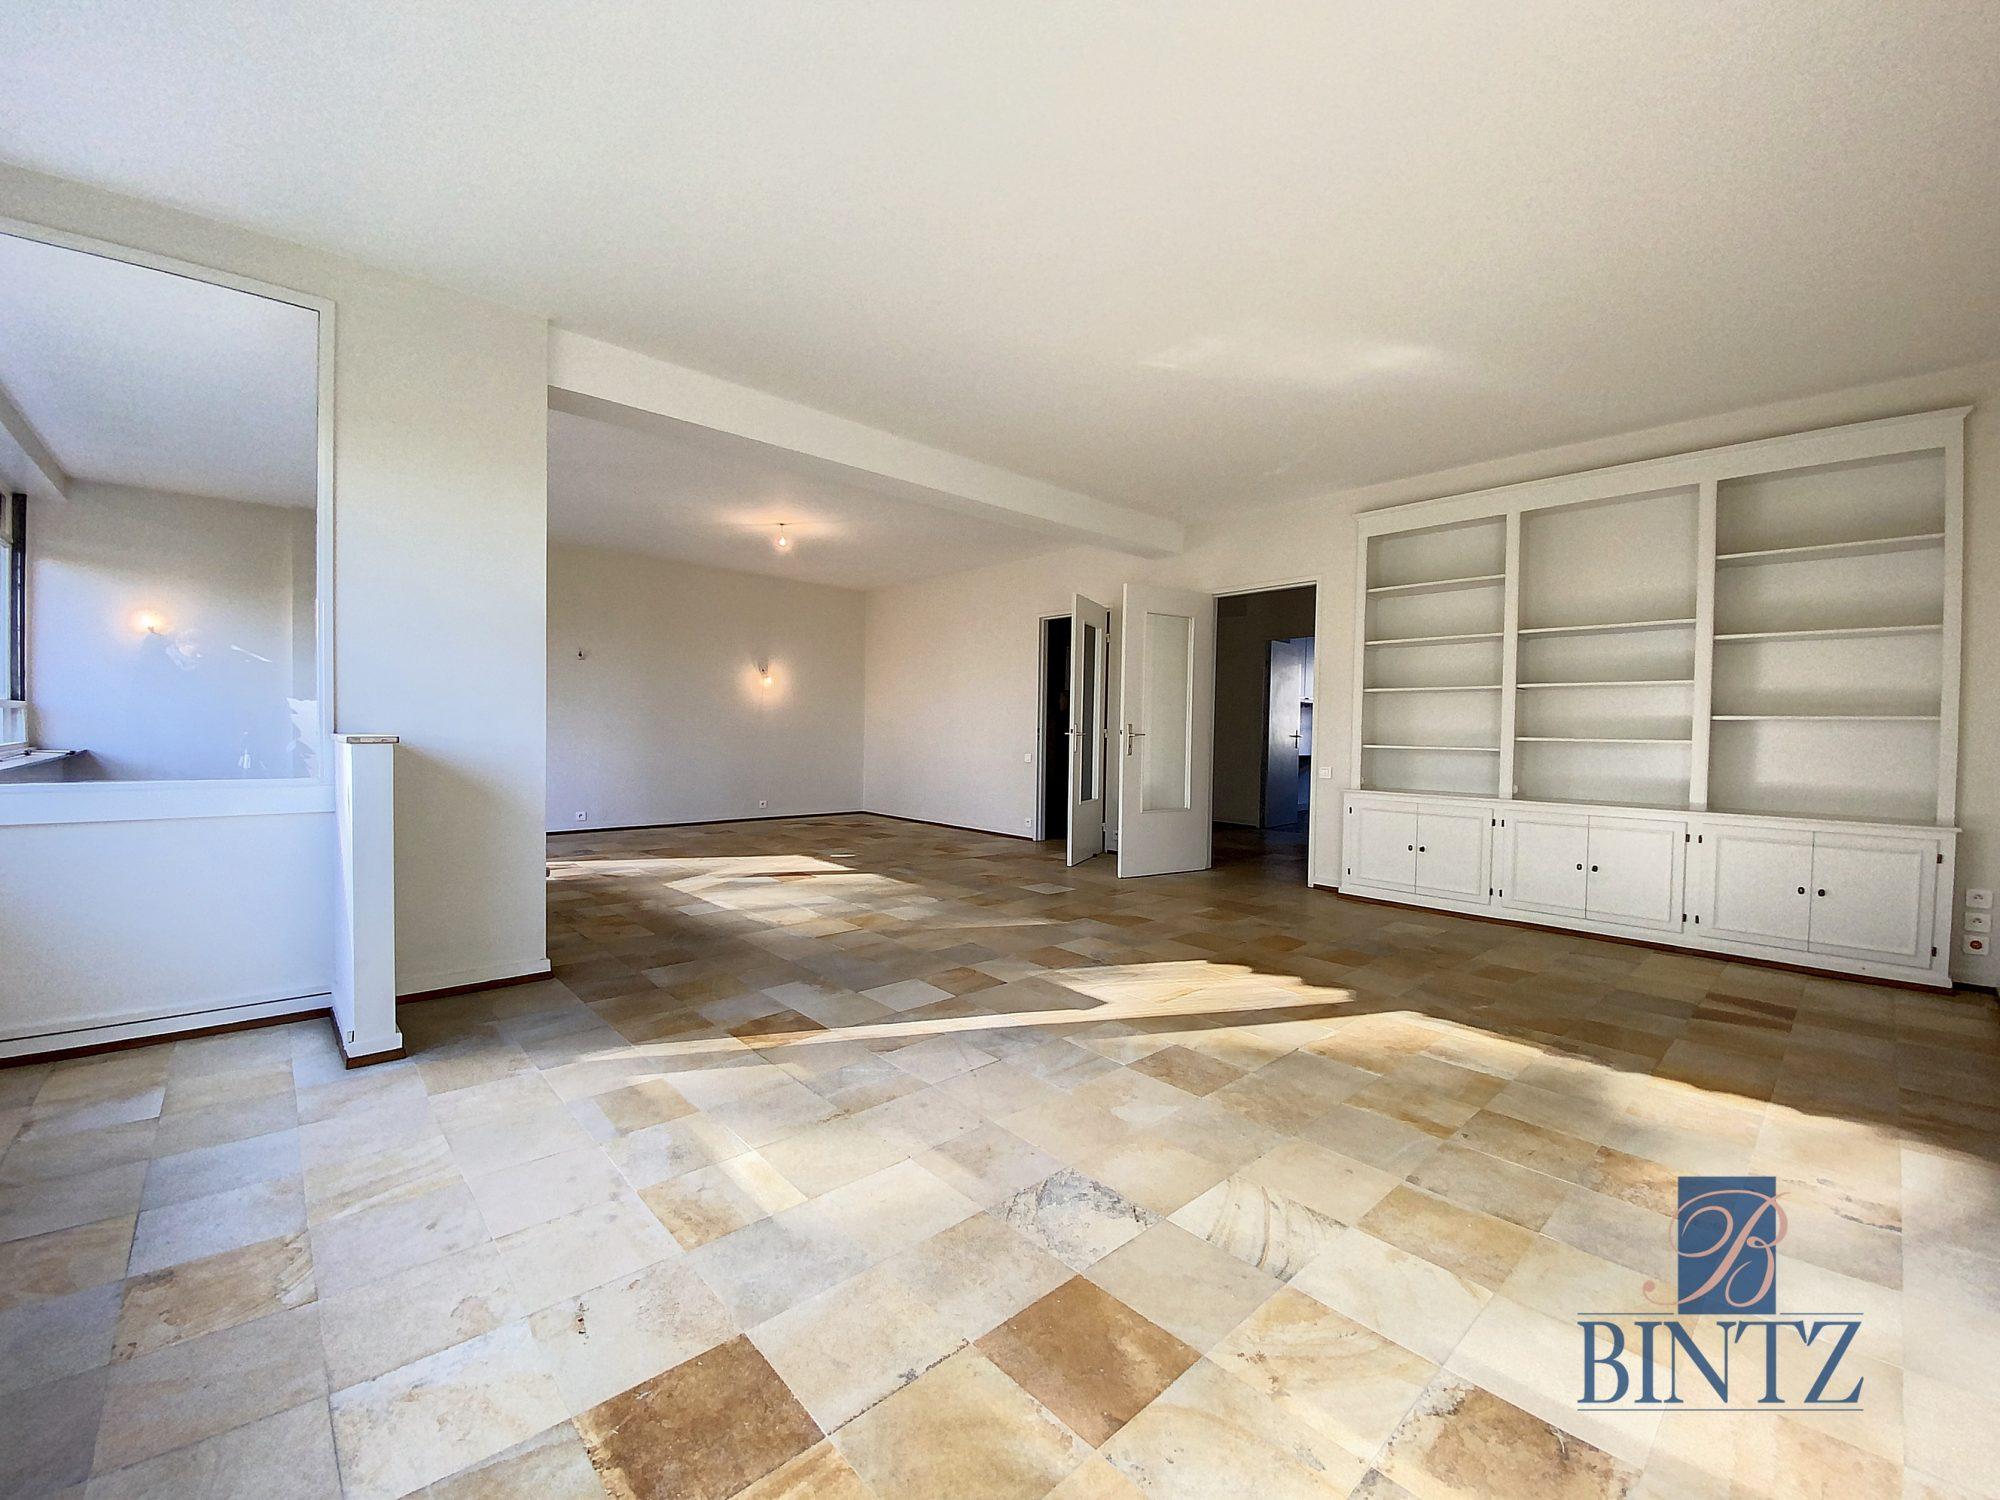 5-6 PIÈCES QUARTIER CONTADES - Devenez locataire en toute sérénité - Bintz Immobilier - 20